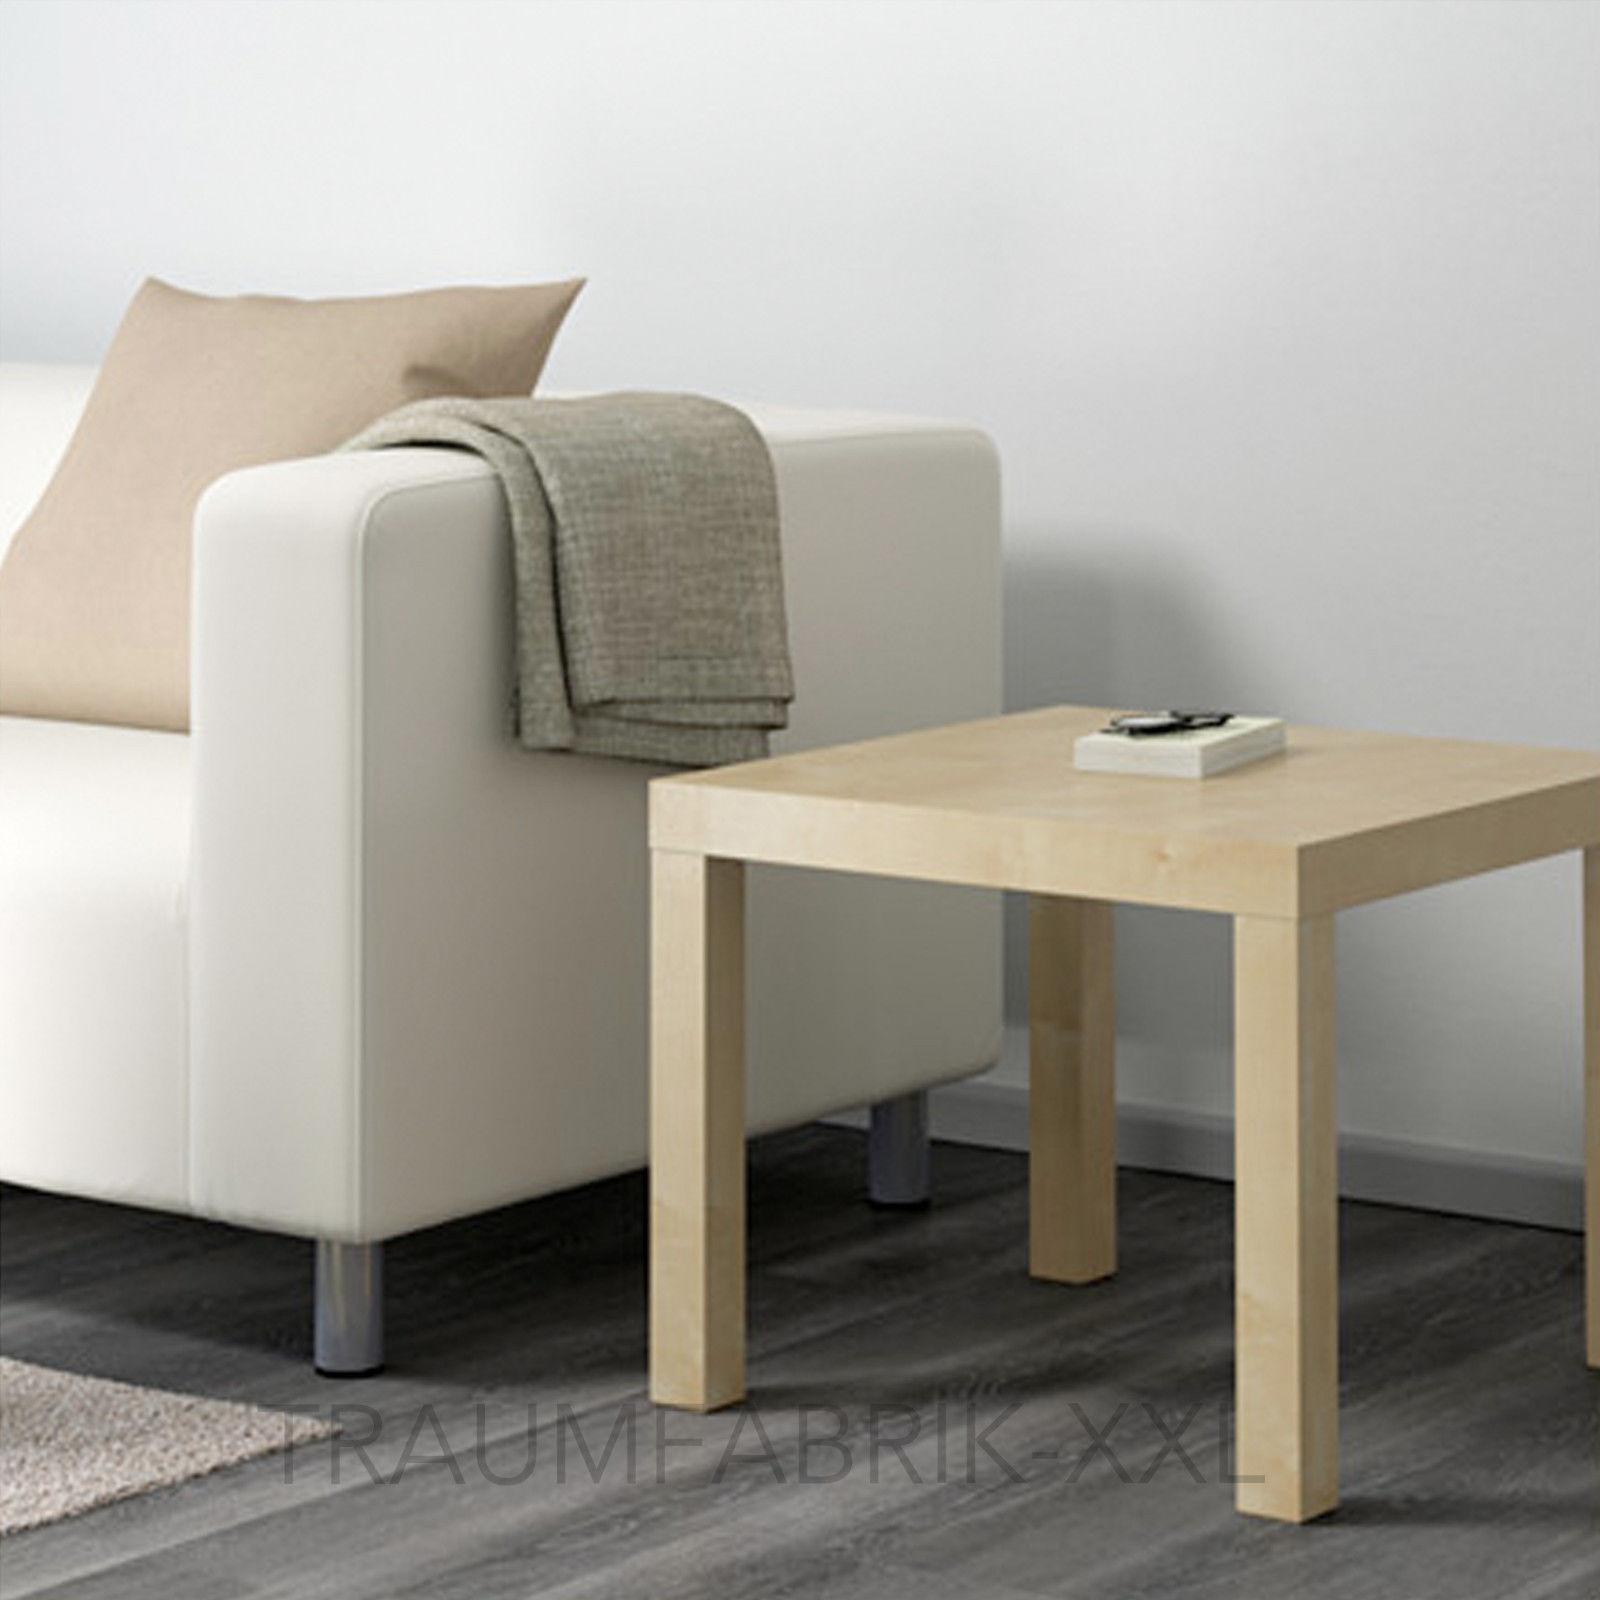 birke massiv couchtisch couchtisch grau steinoptik l form quadro massiv quadratisch mit. Black Bedroom Furniture Sets. Home Design Ideas